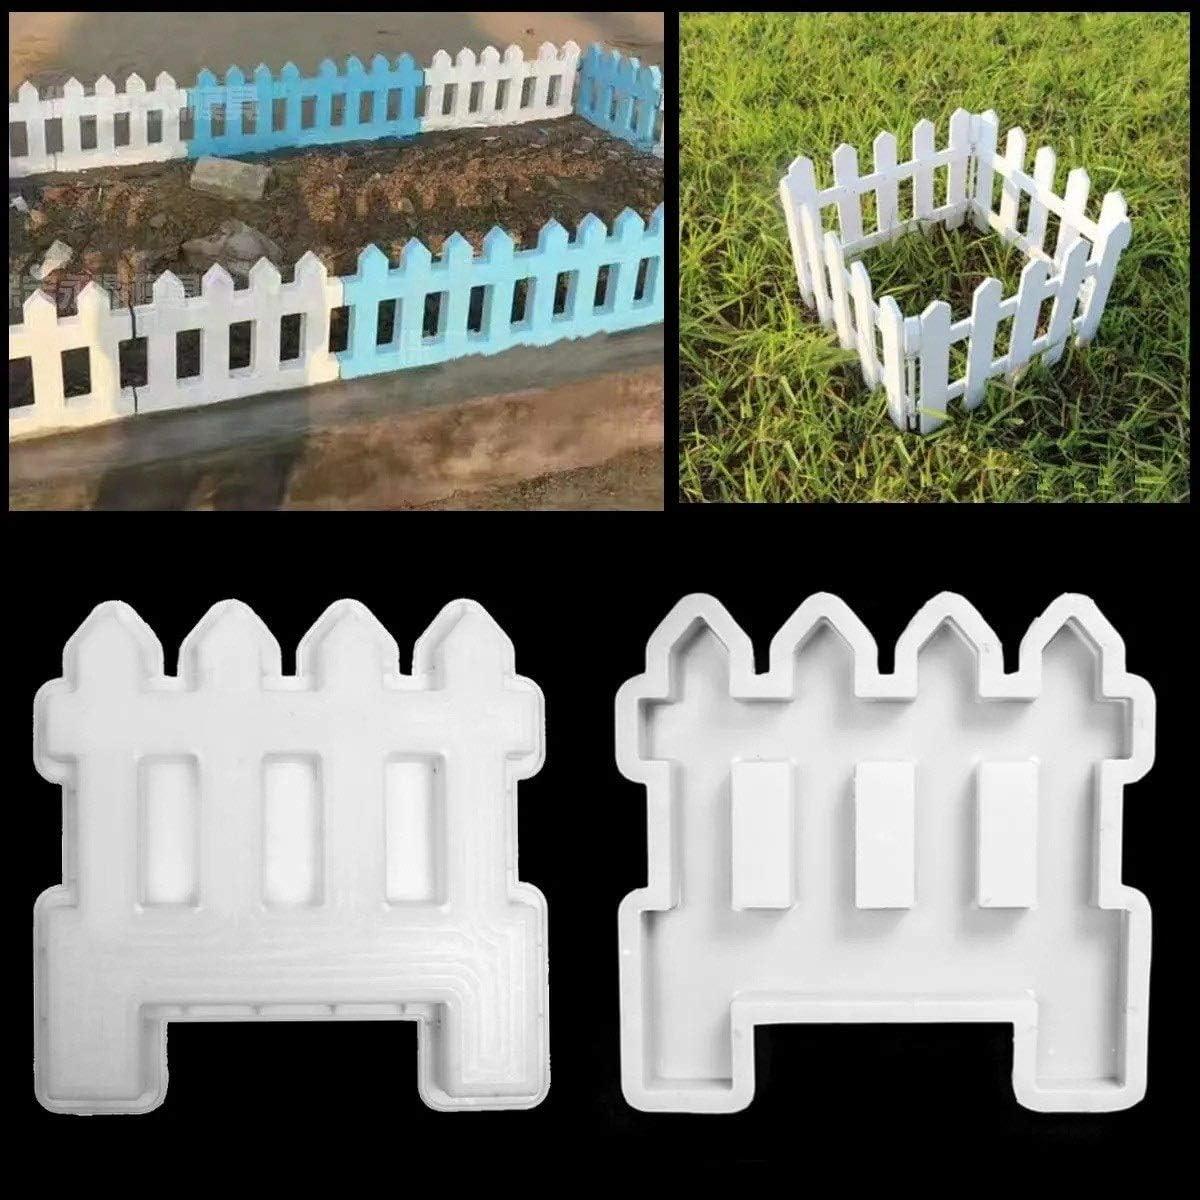 ZIEO Valla/Pared Jardín Antiguo Cemento Cerca concreto Molde del Molde de la Flor de la Piscina de Ladrillos de plástico del césped Yard Craft decoración en Blanco Valla de césped: Amazon.es: Hogar